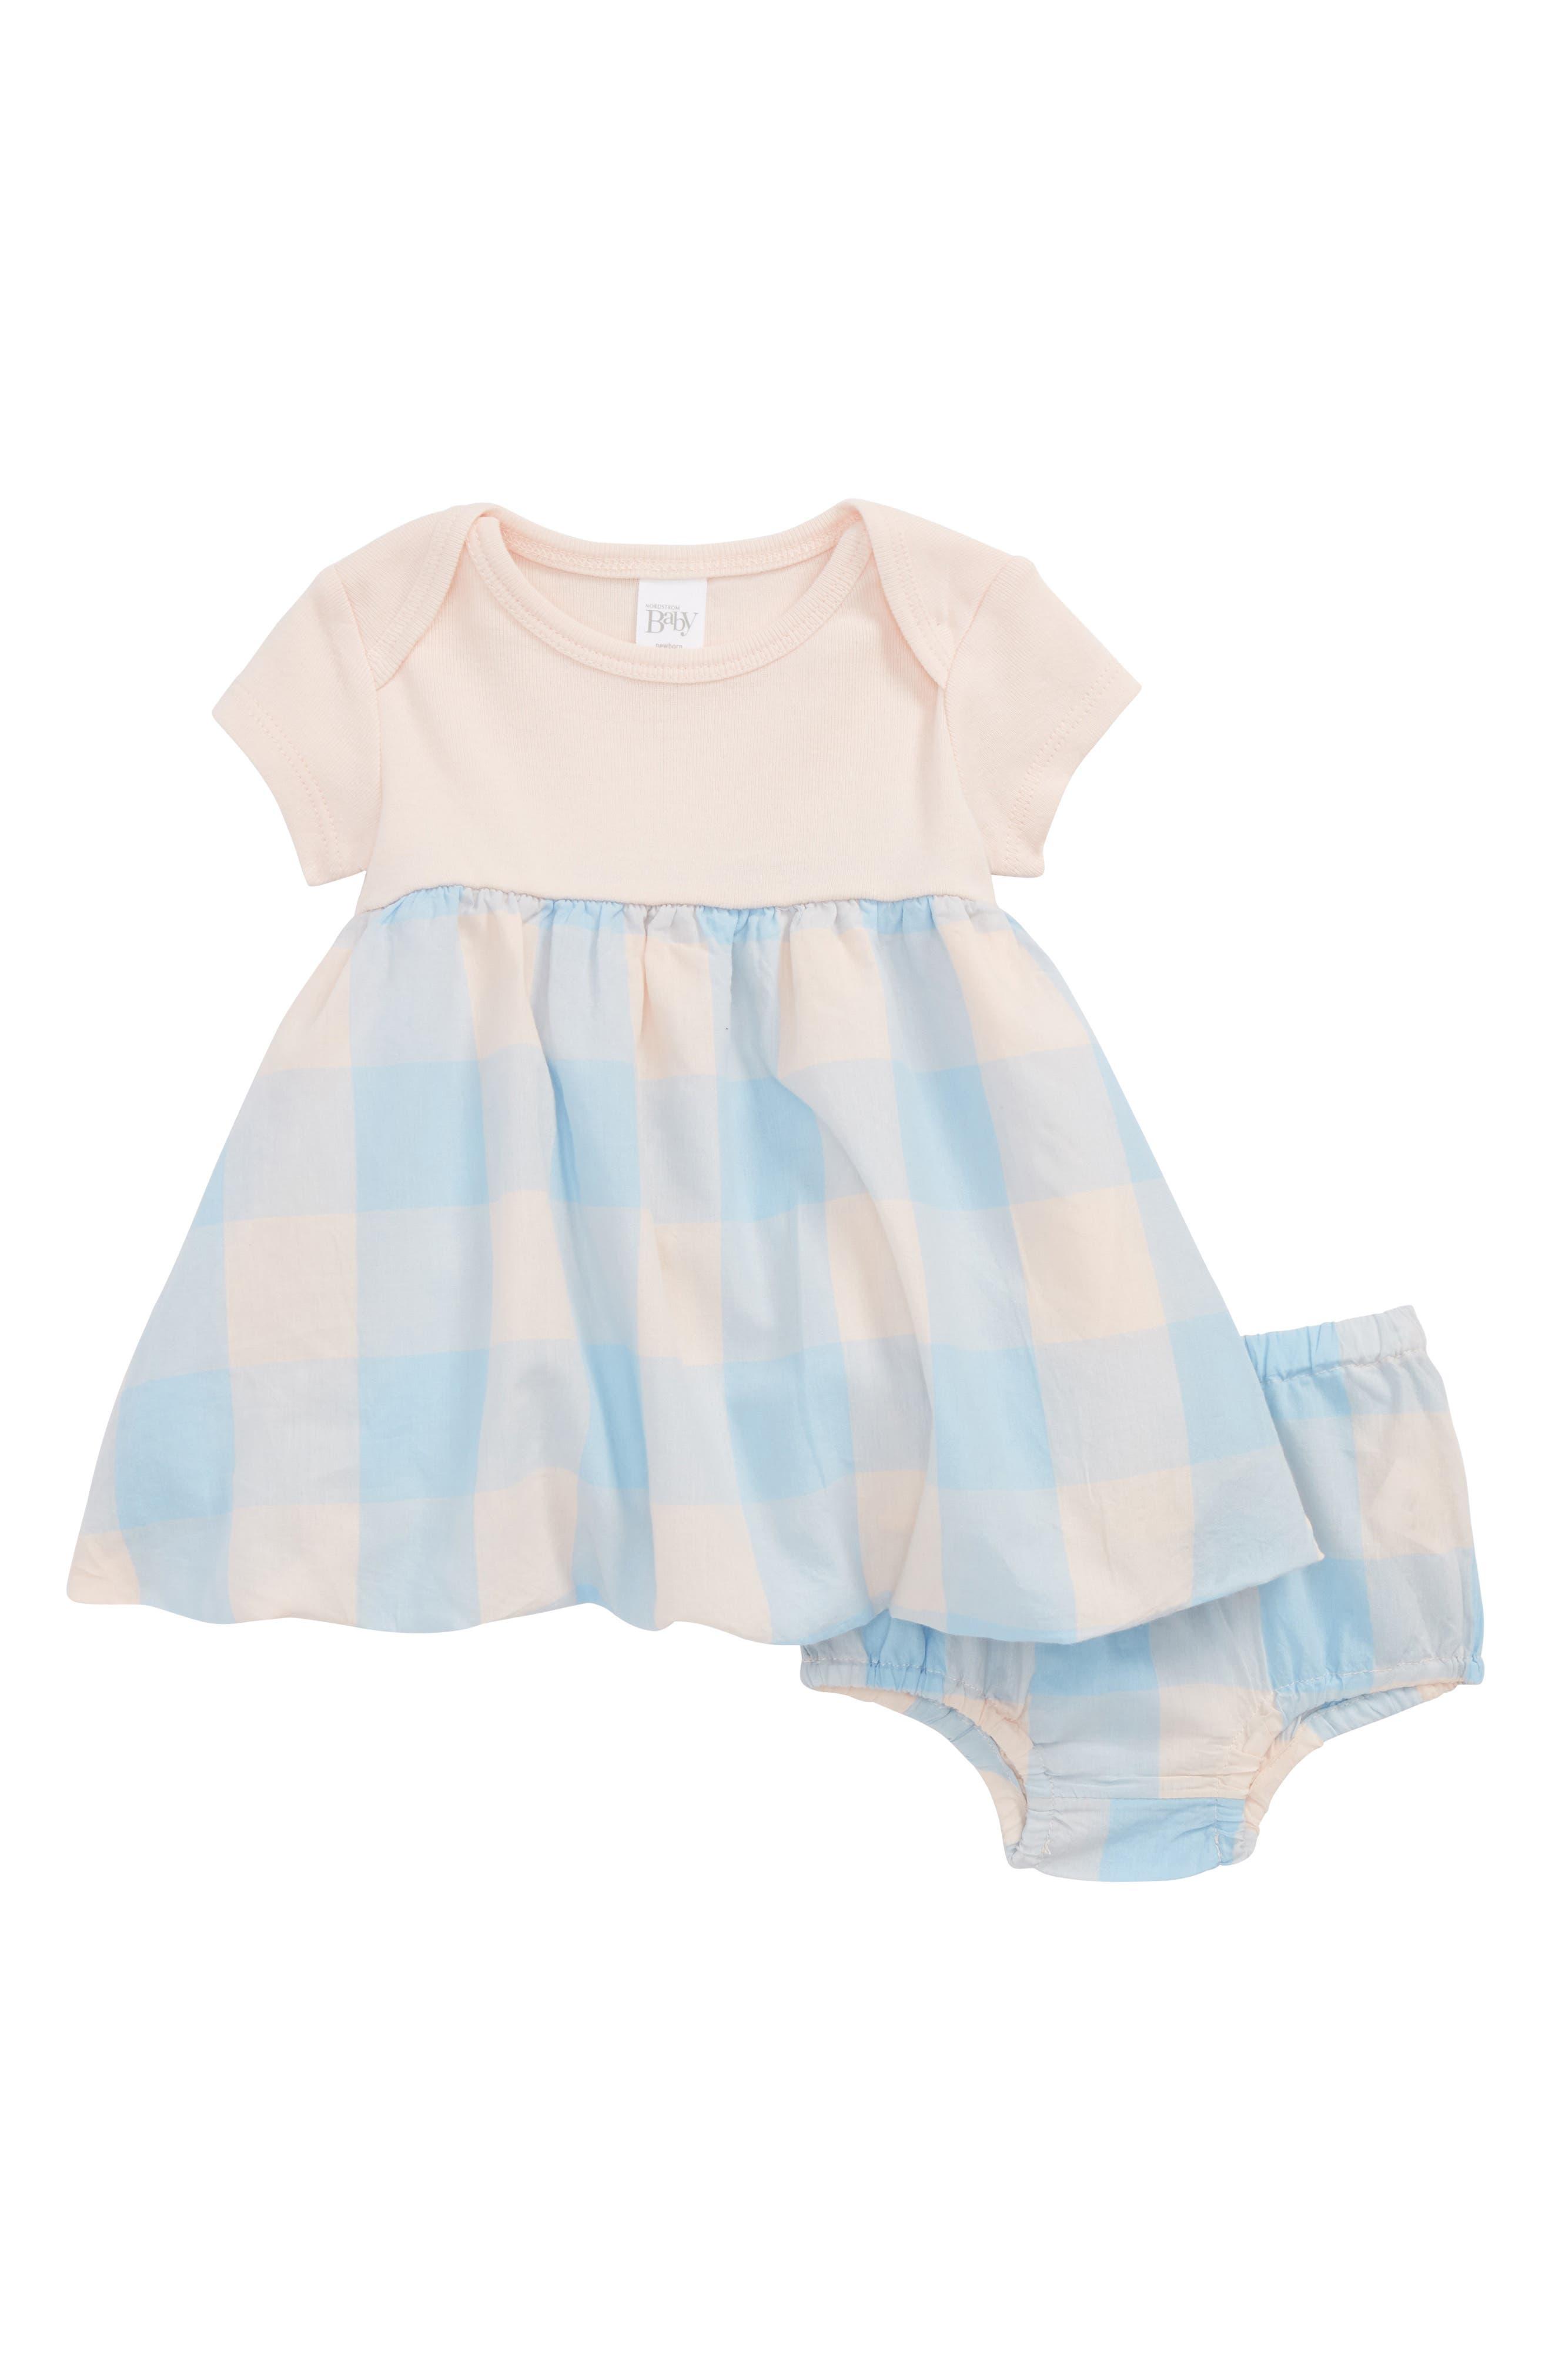 Bubble Dress,                         Main,                         color, Pink Cloud- Blue Check